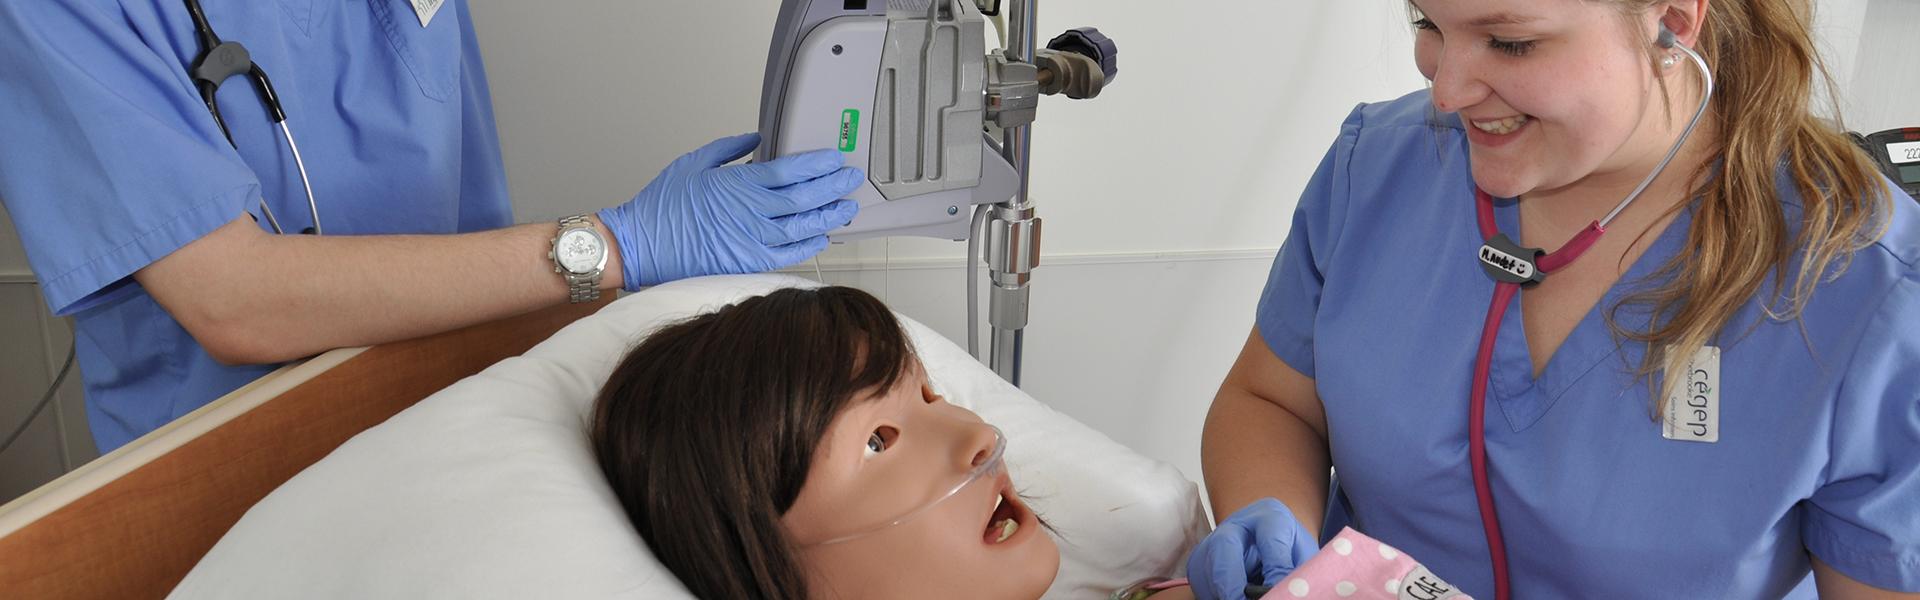 Étudiante en soins infirmiers avec mannequin simulateur